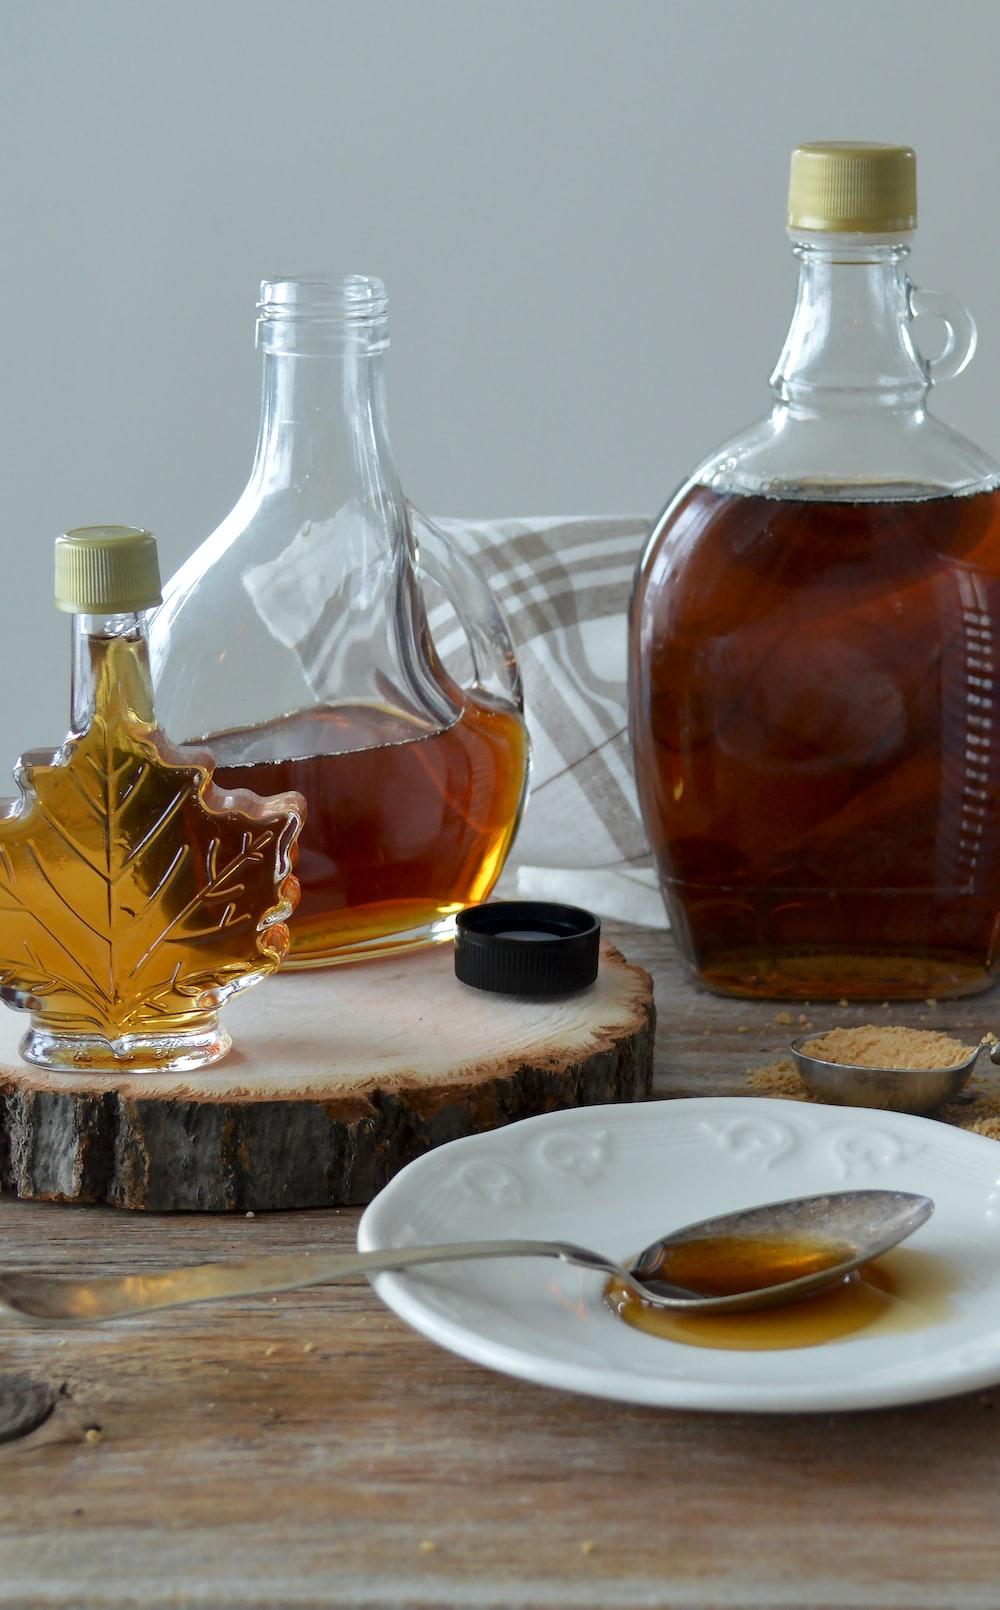 honey filled bottle on the table